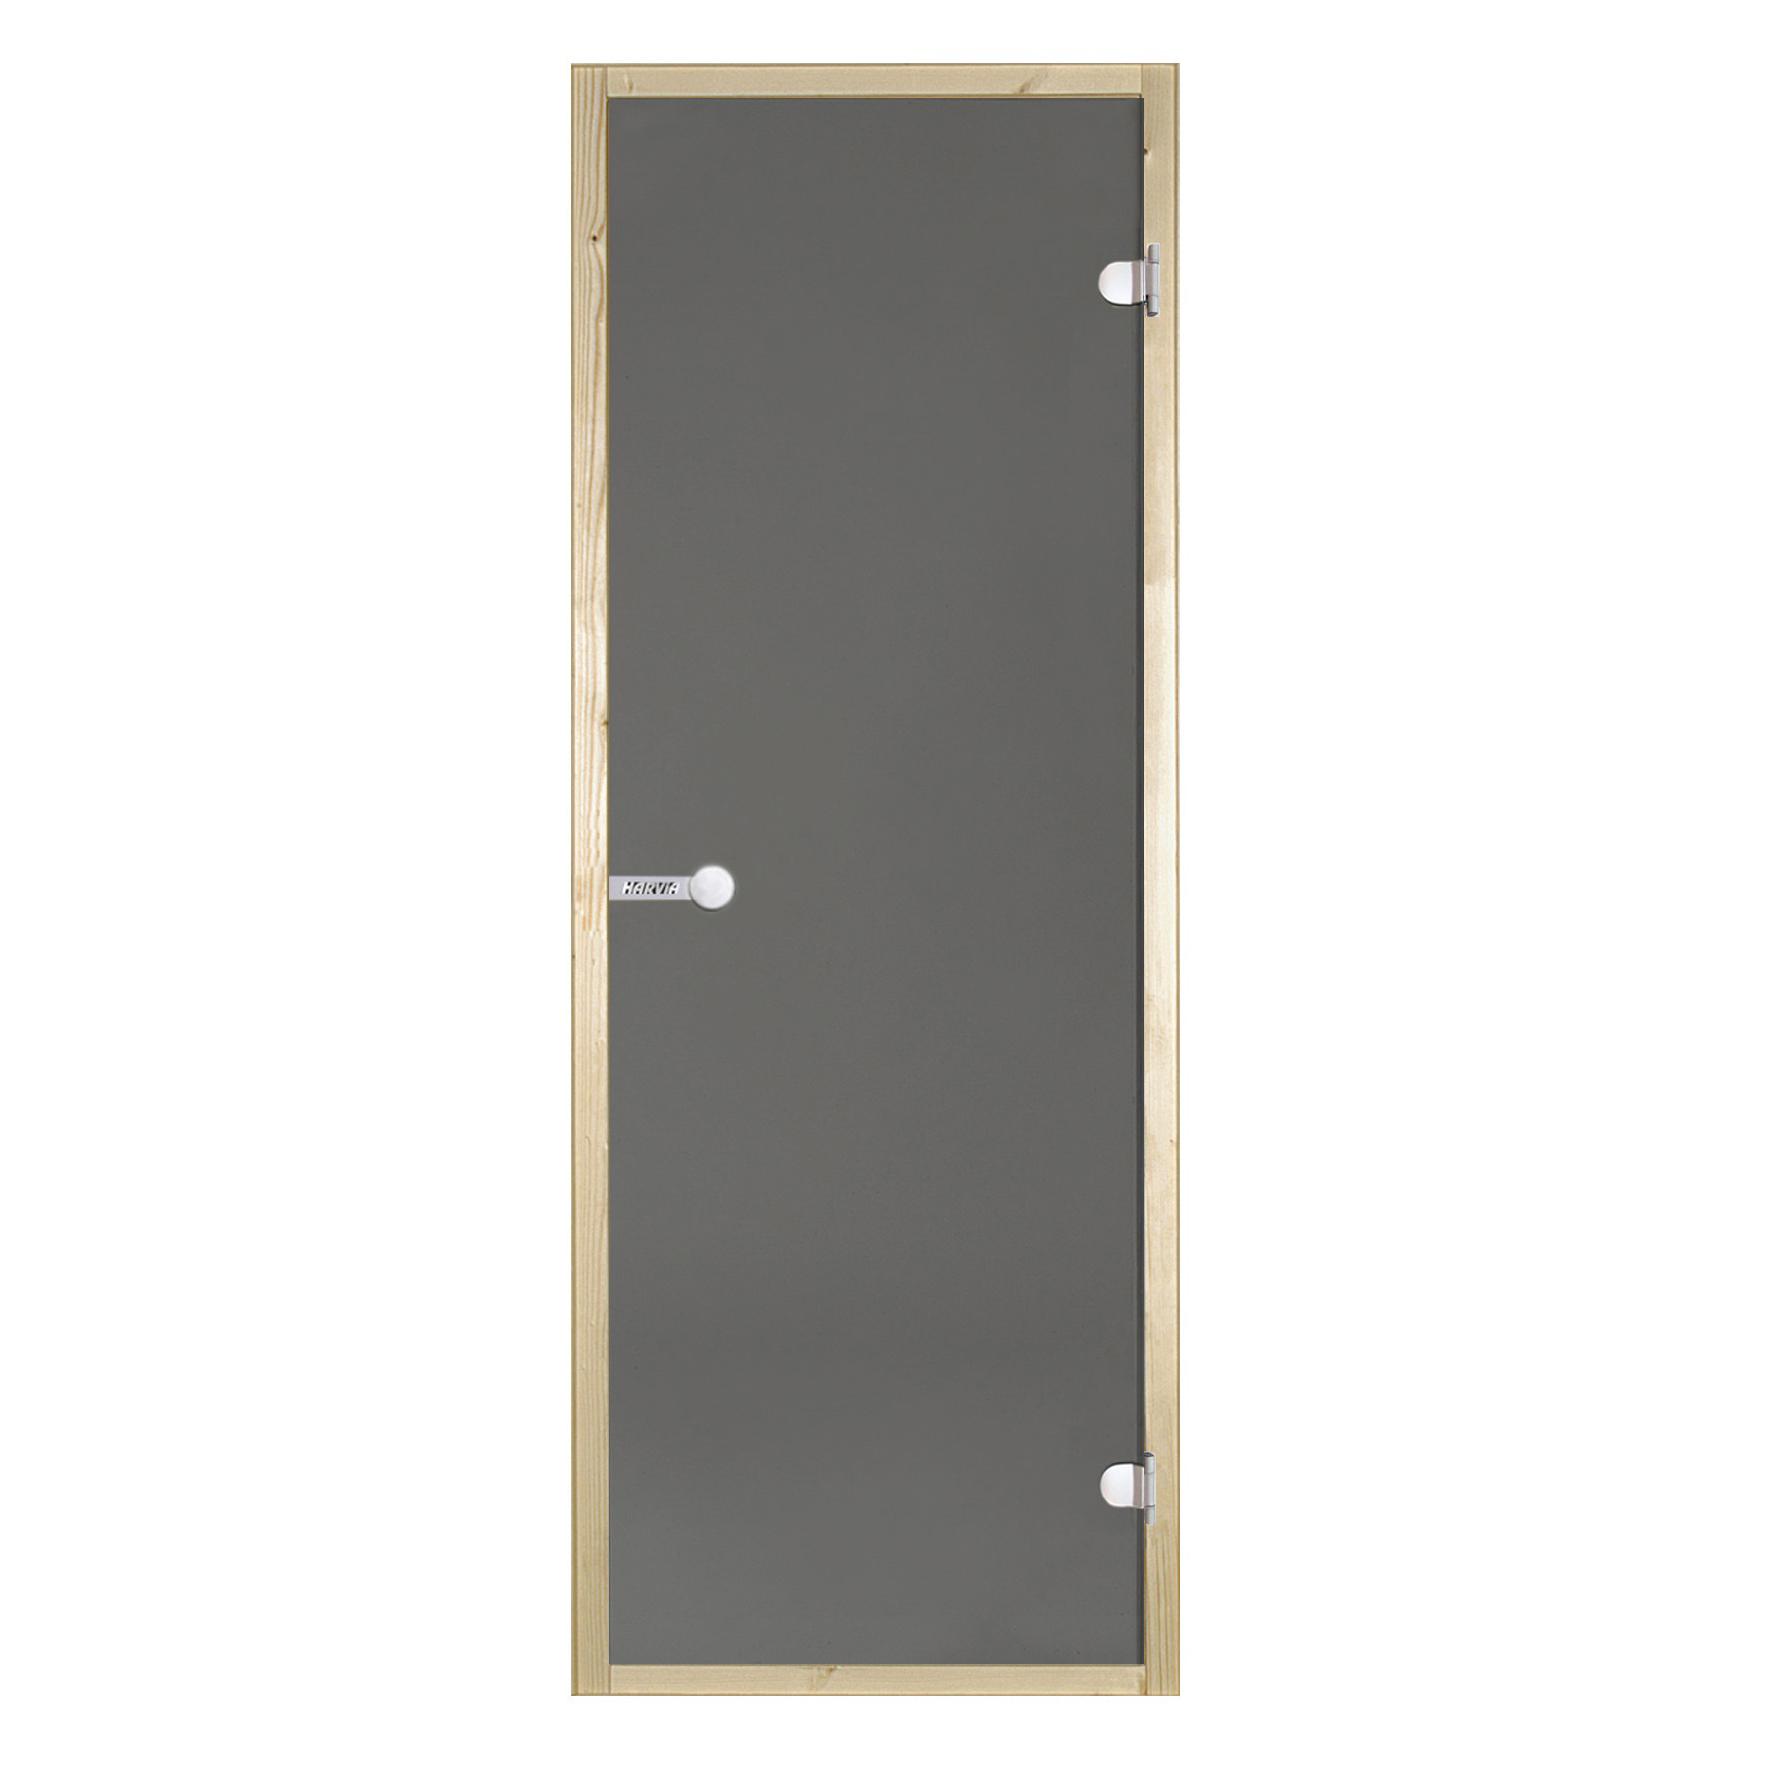 HARVIA Двери стеклянные 7/19 коробка осина, серая D71902H